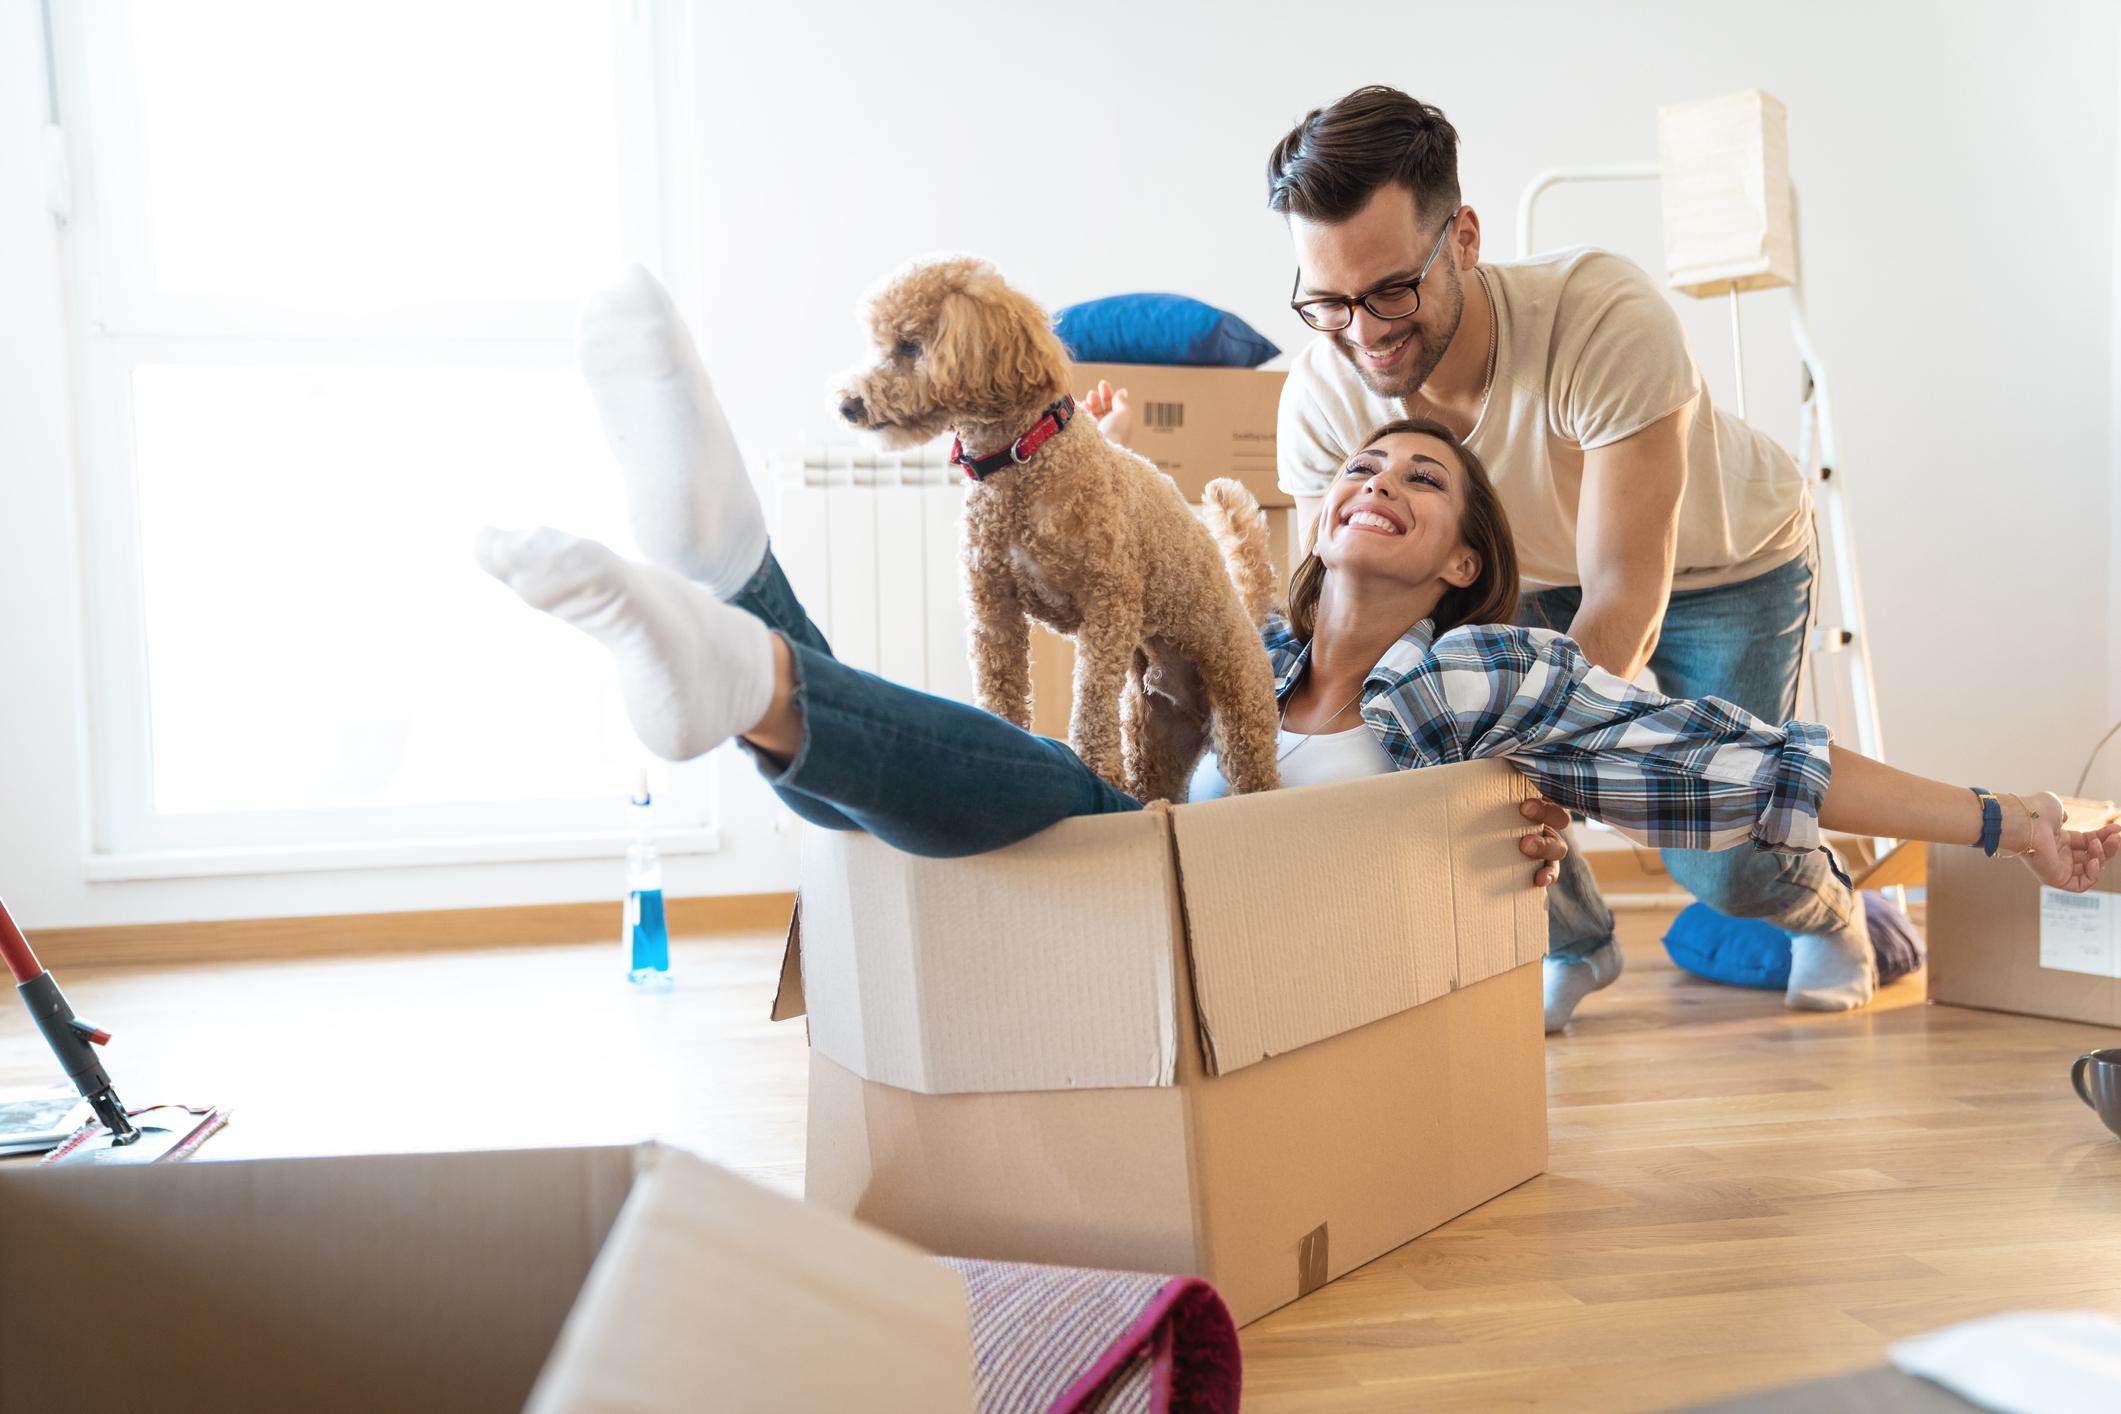 3% deposit home loan